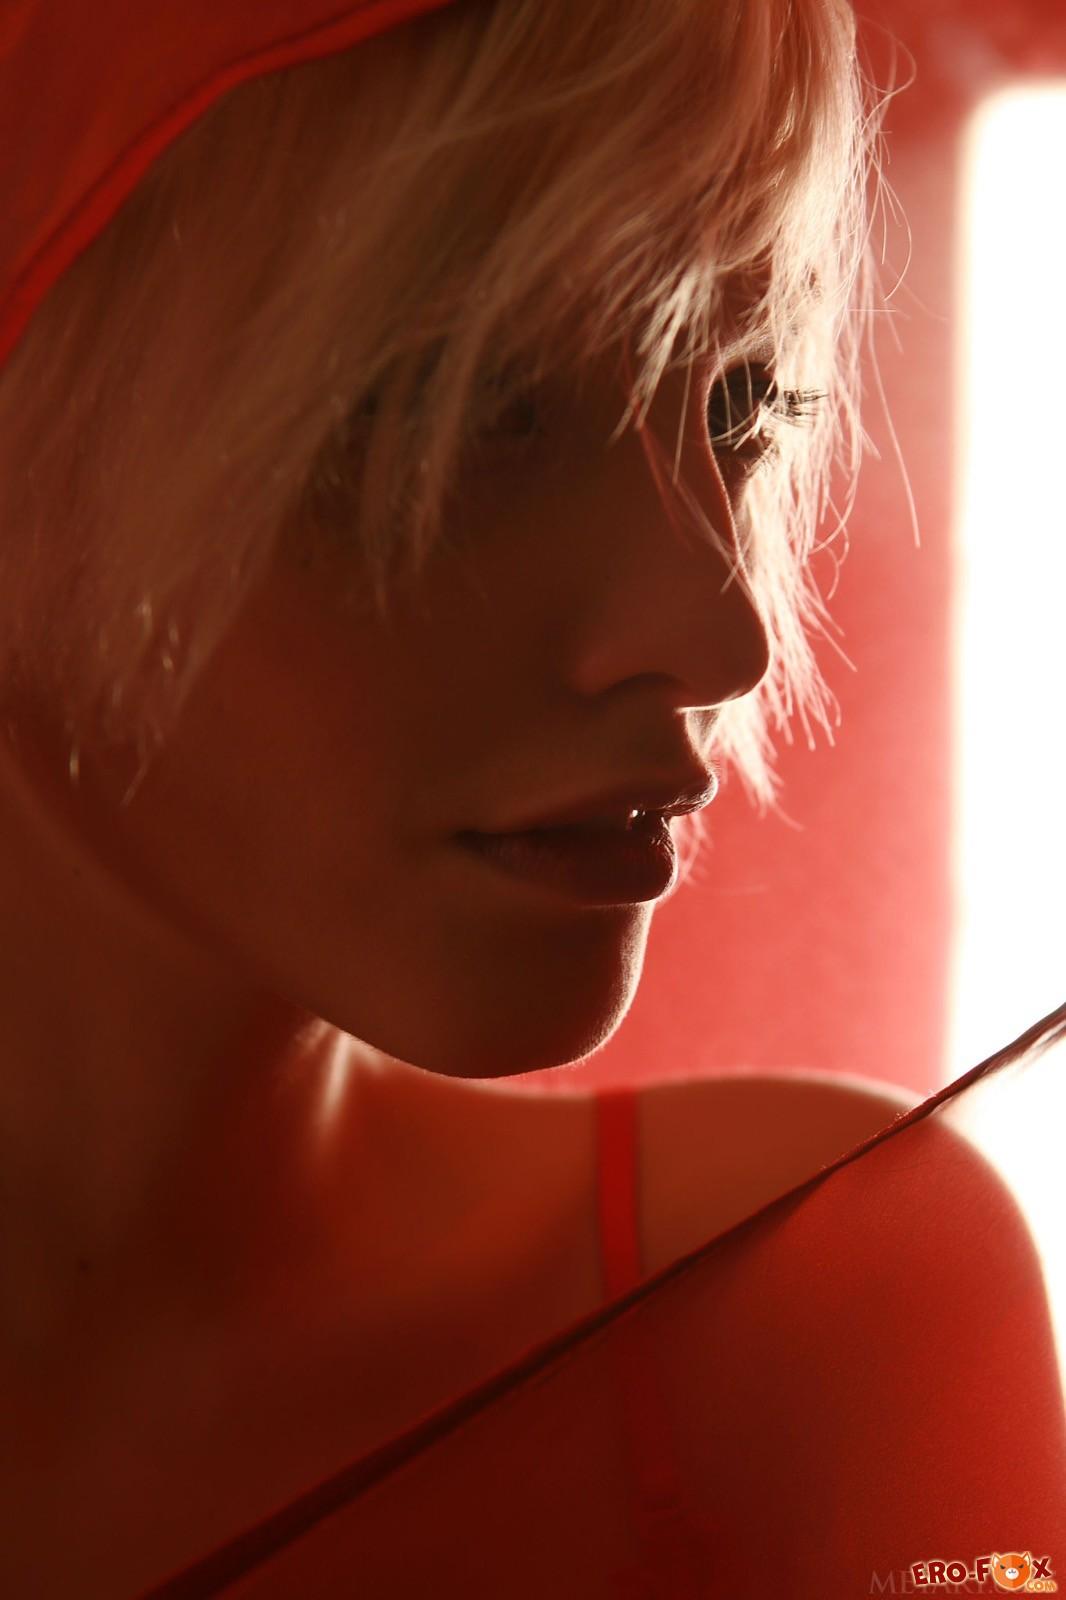 Голая блондинка с короткой стрижкой